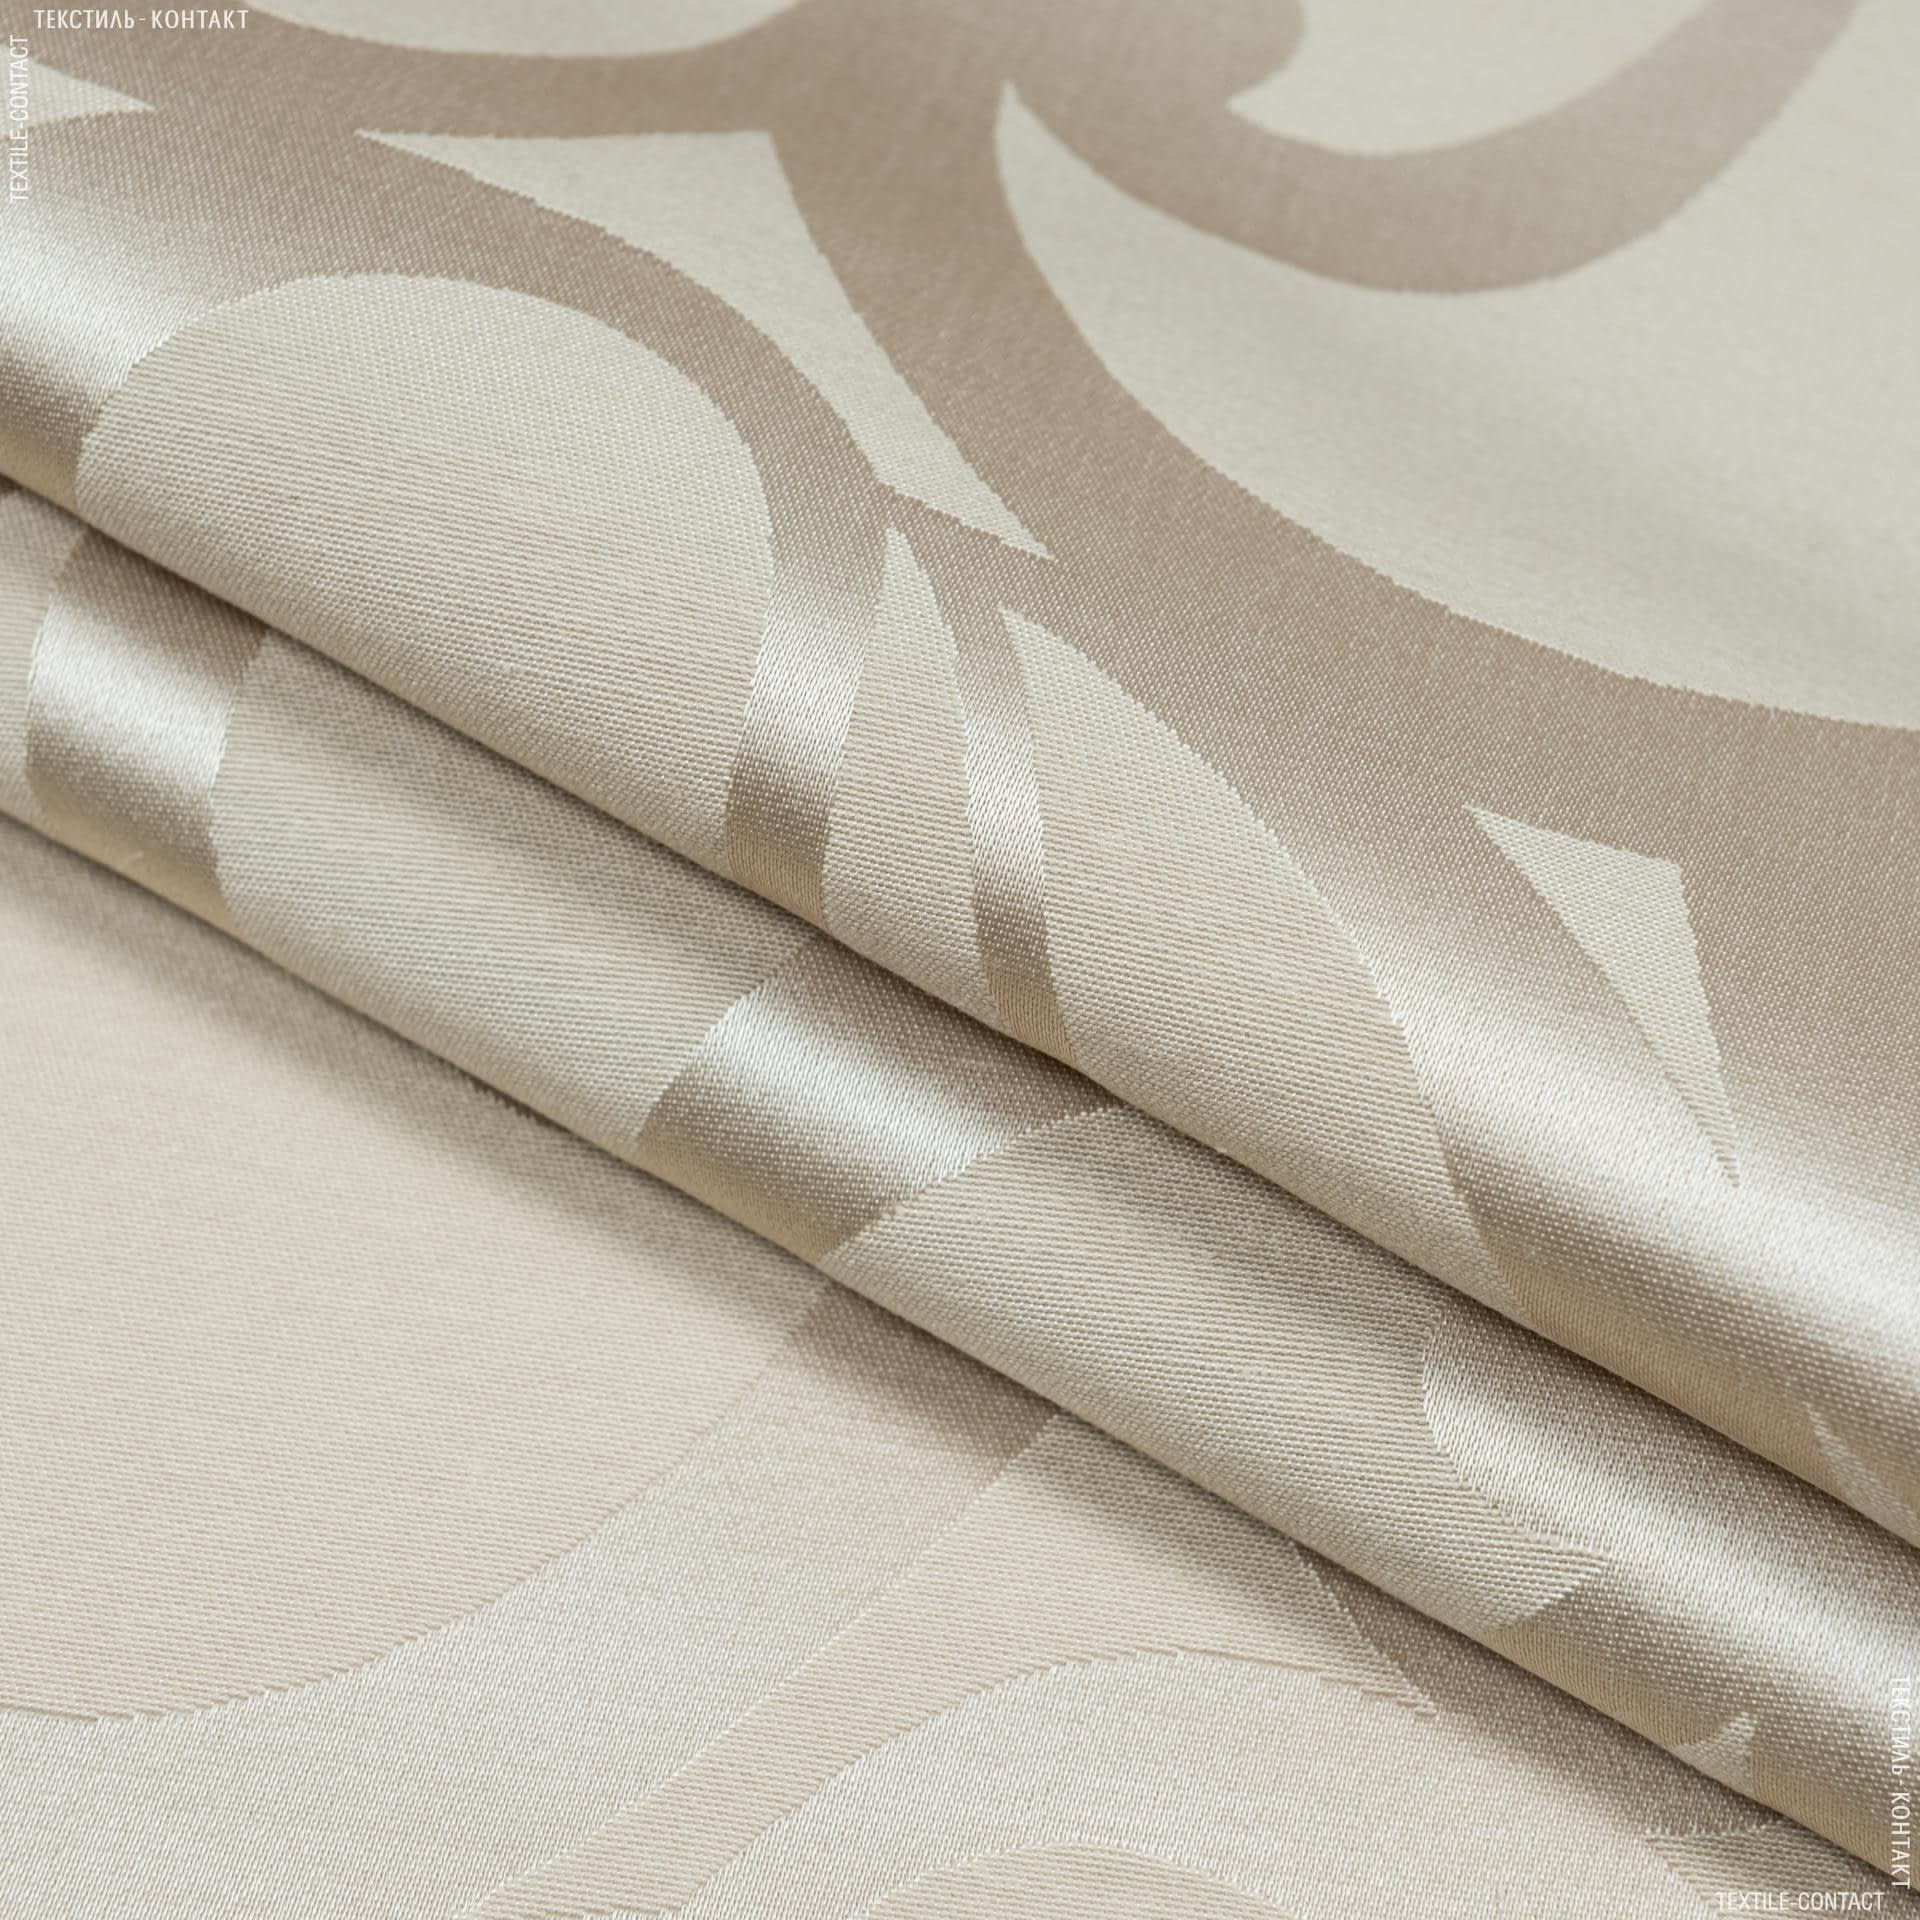 Ткани для скатертей - Ткань с акриловой пропиткой ресинадо/resinado беж